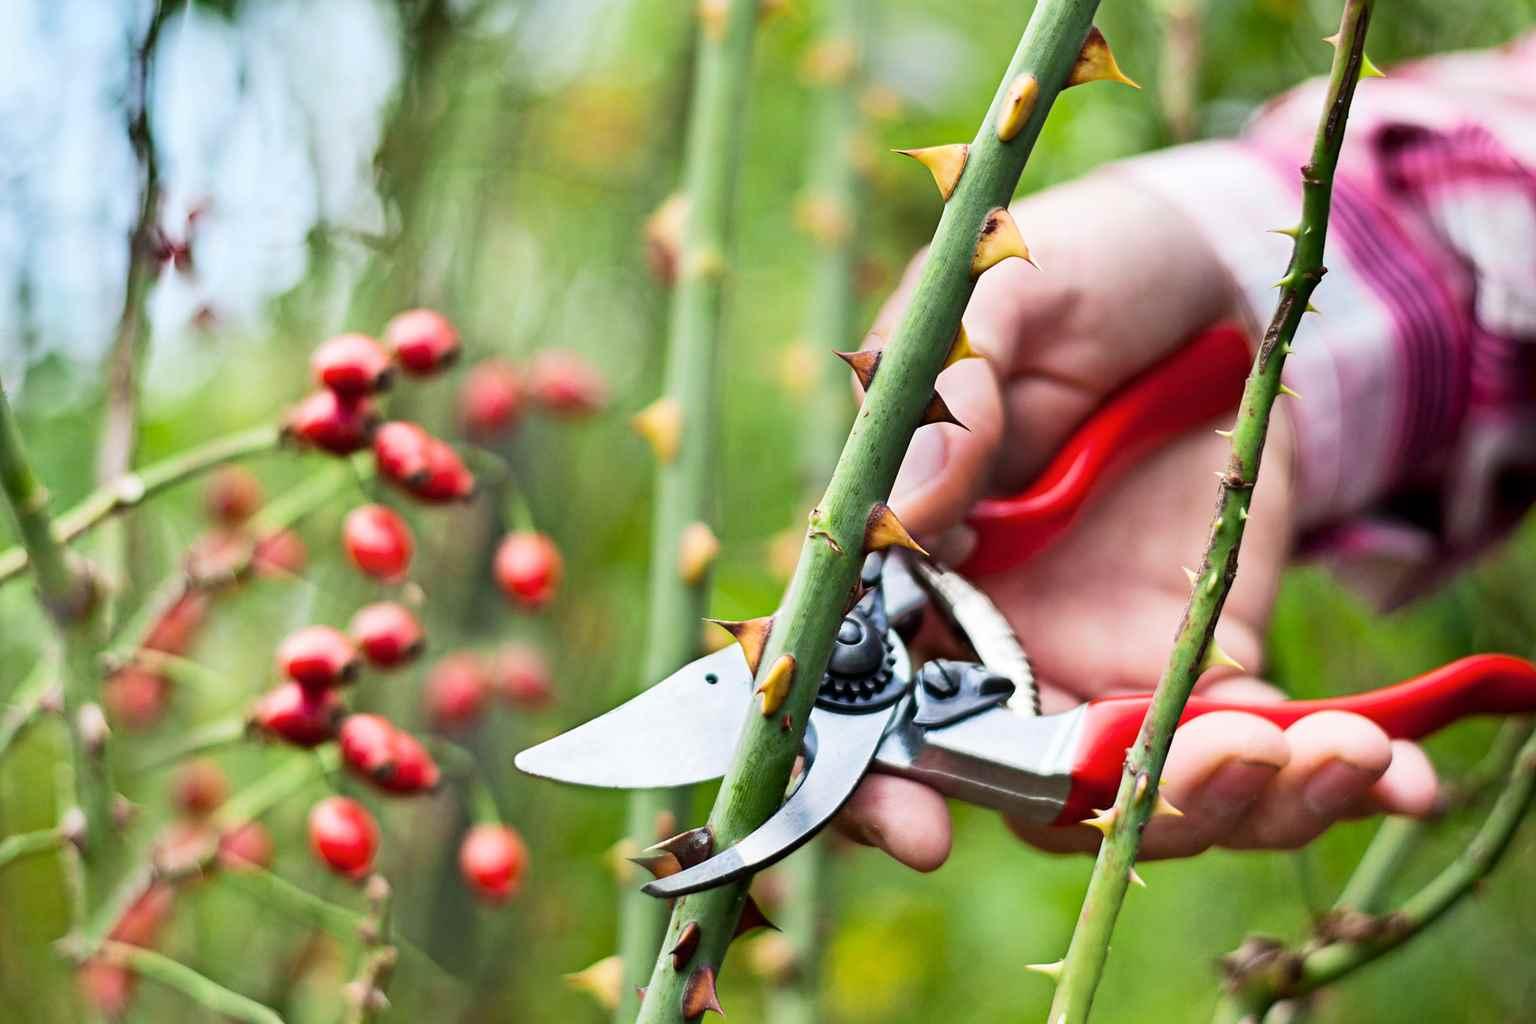 Lucrările de toamnă la trandafiri şi pregătirea lor pentru iarnă